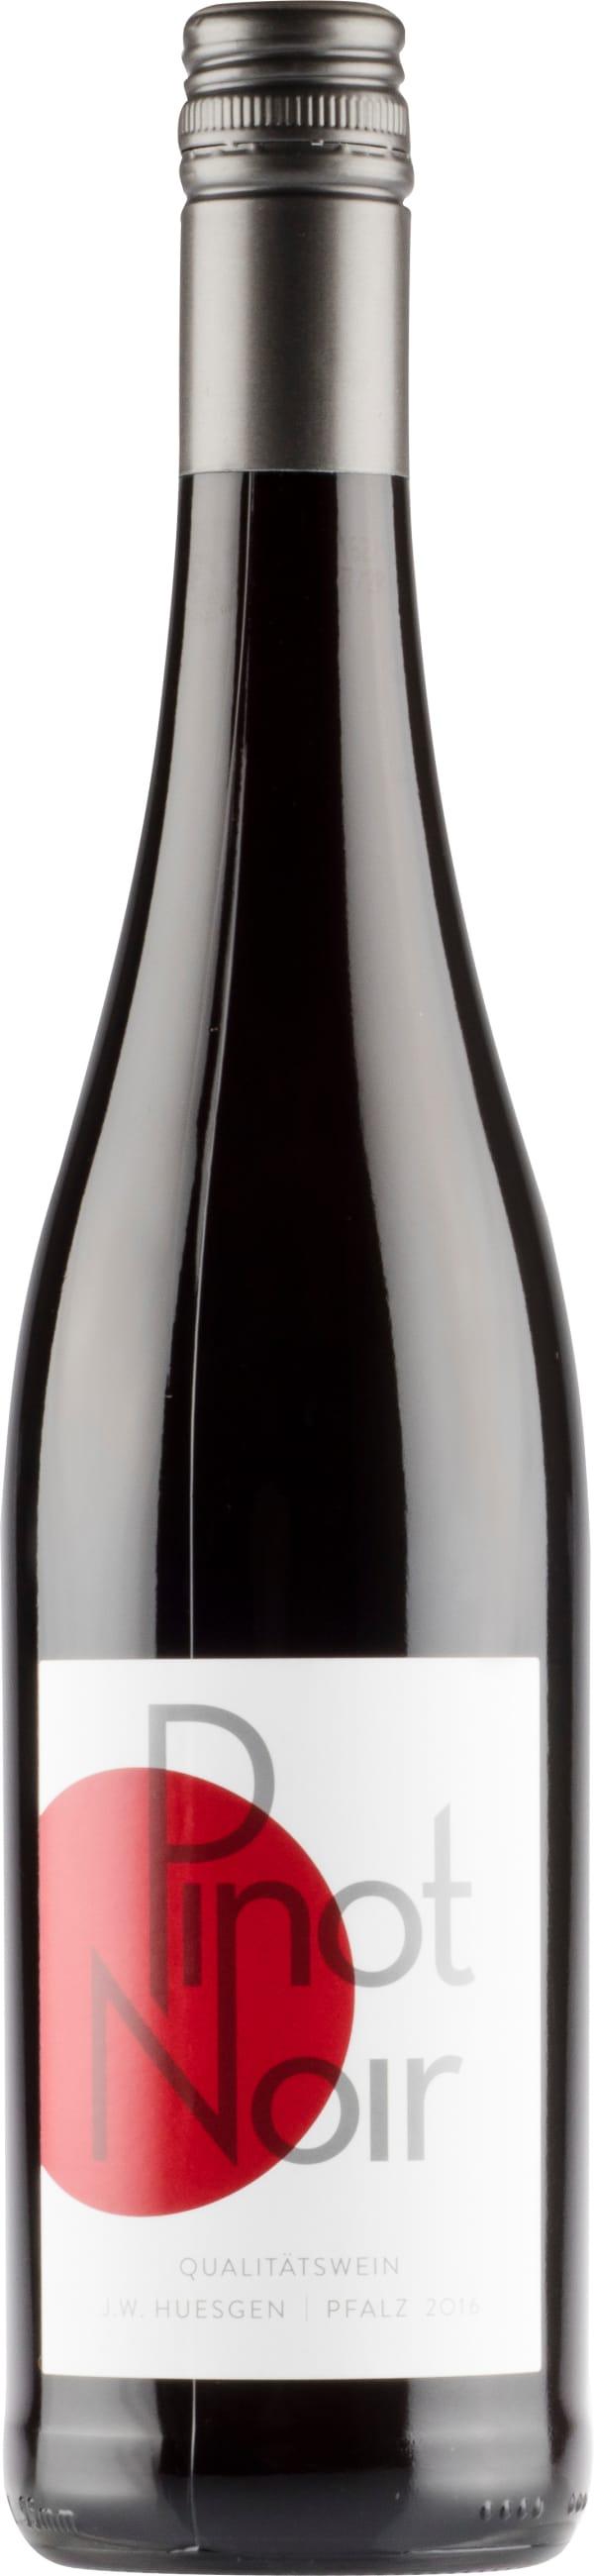 J.W. Huesgen Pinot Noir 2016